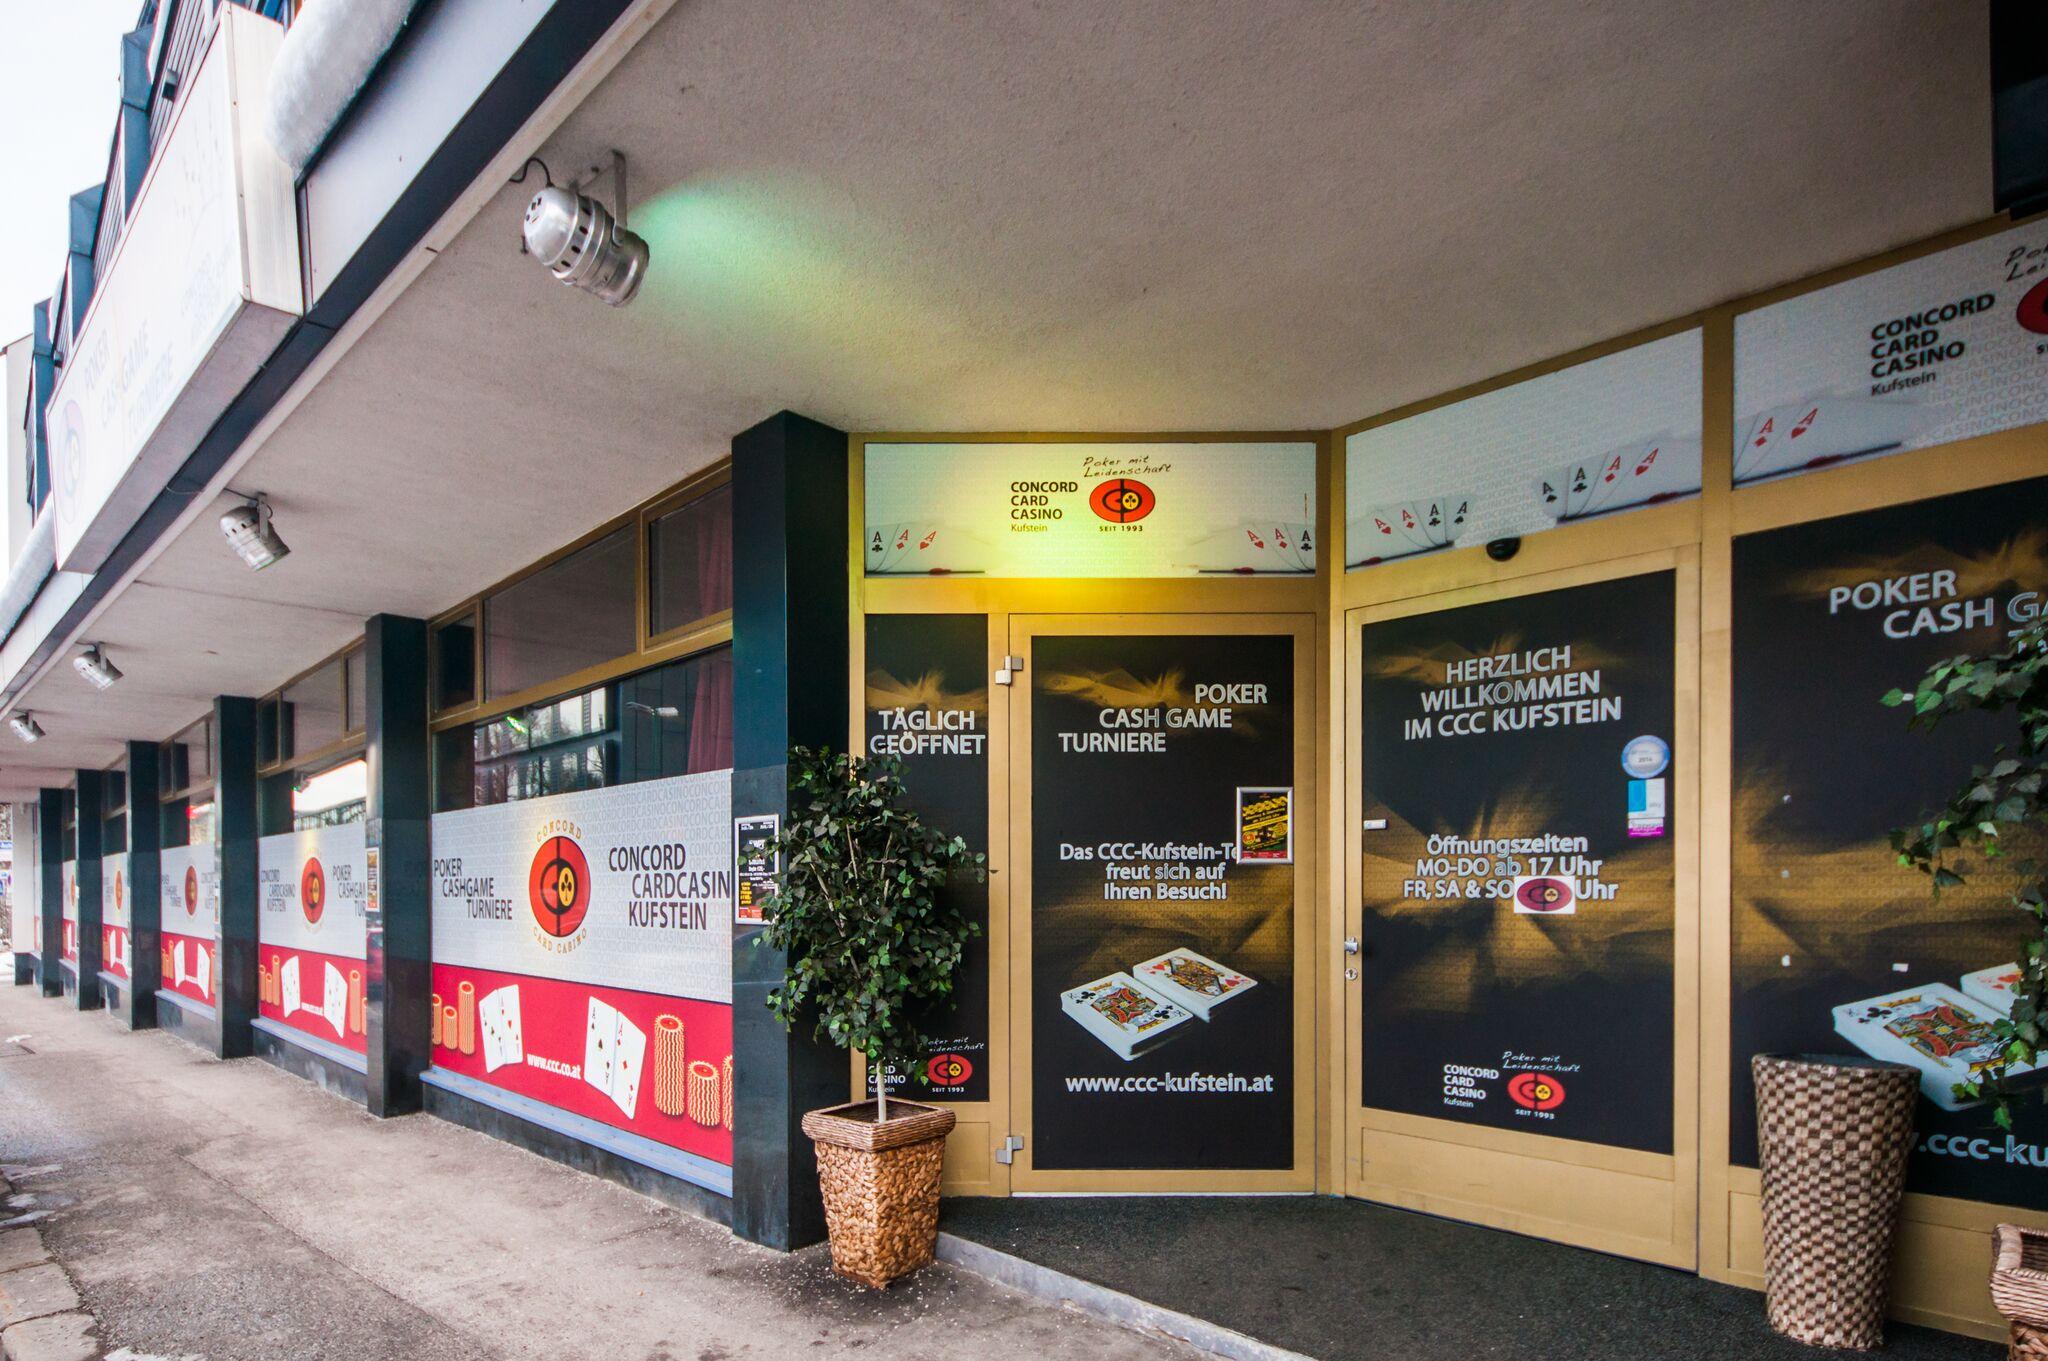 CCC - Casino Kufstein